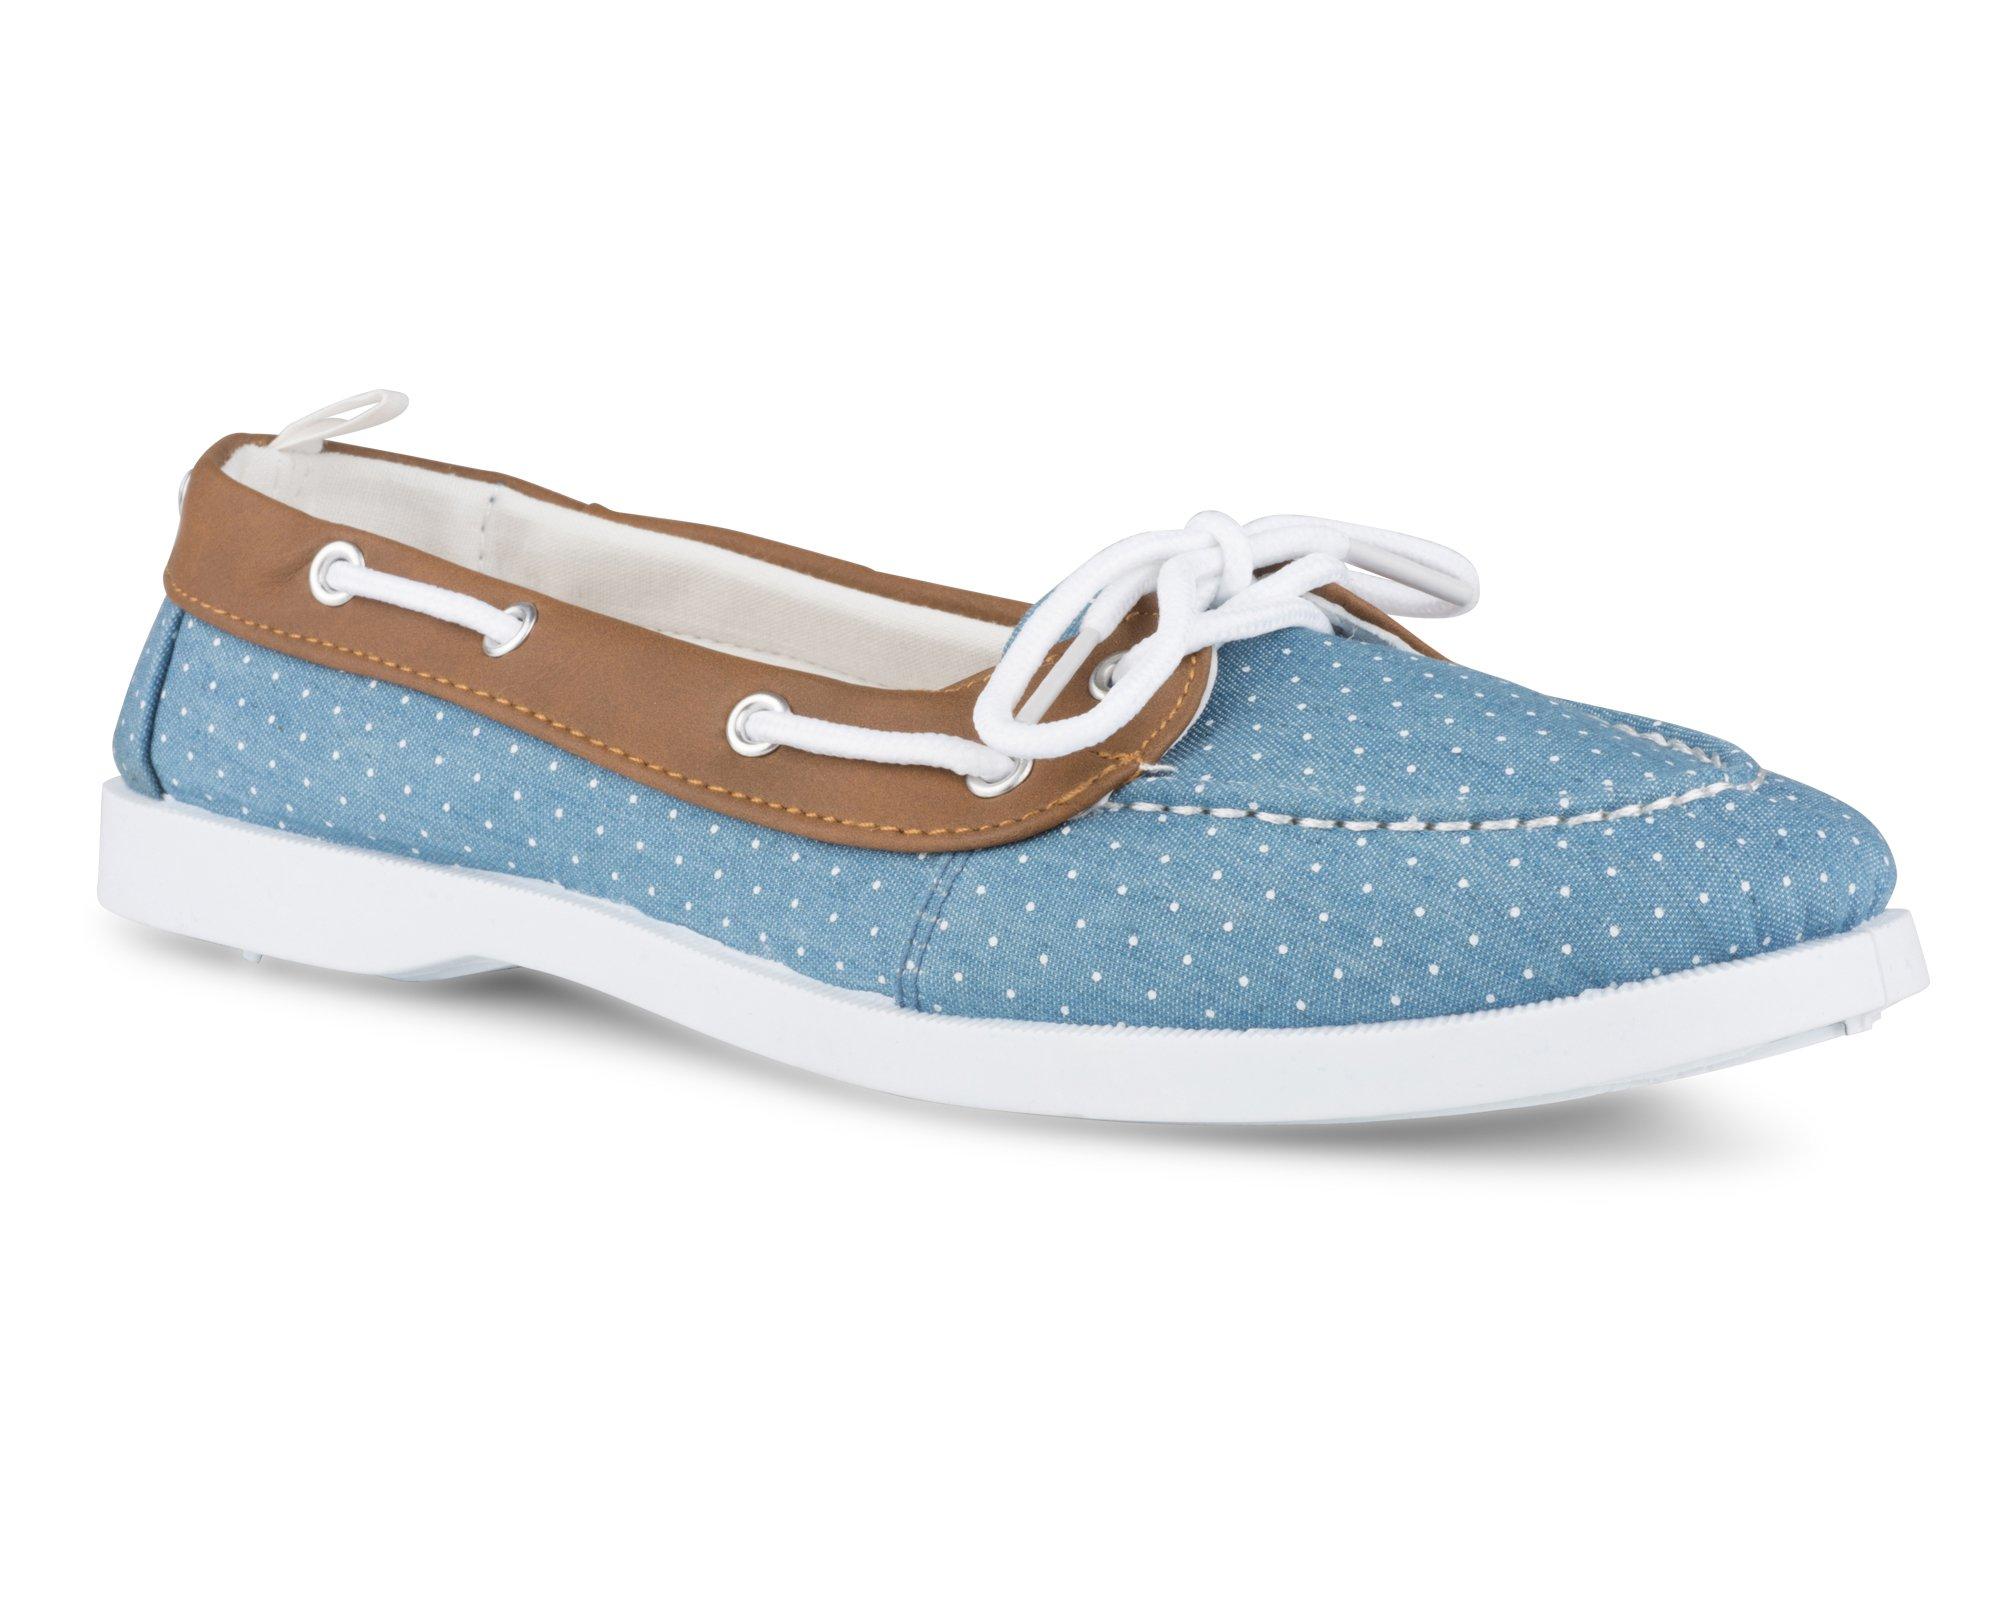 Twisted Women's Bonnie Contrast Stitched Canvas Athletic Boat Shoe - BONNIE126 LTDENIM, Size 8